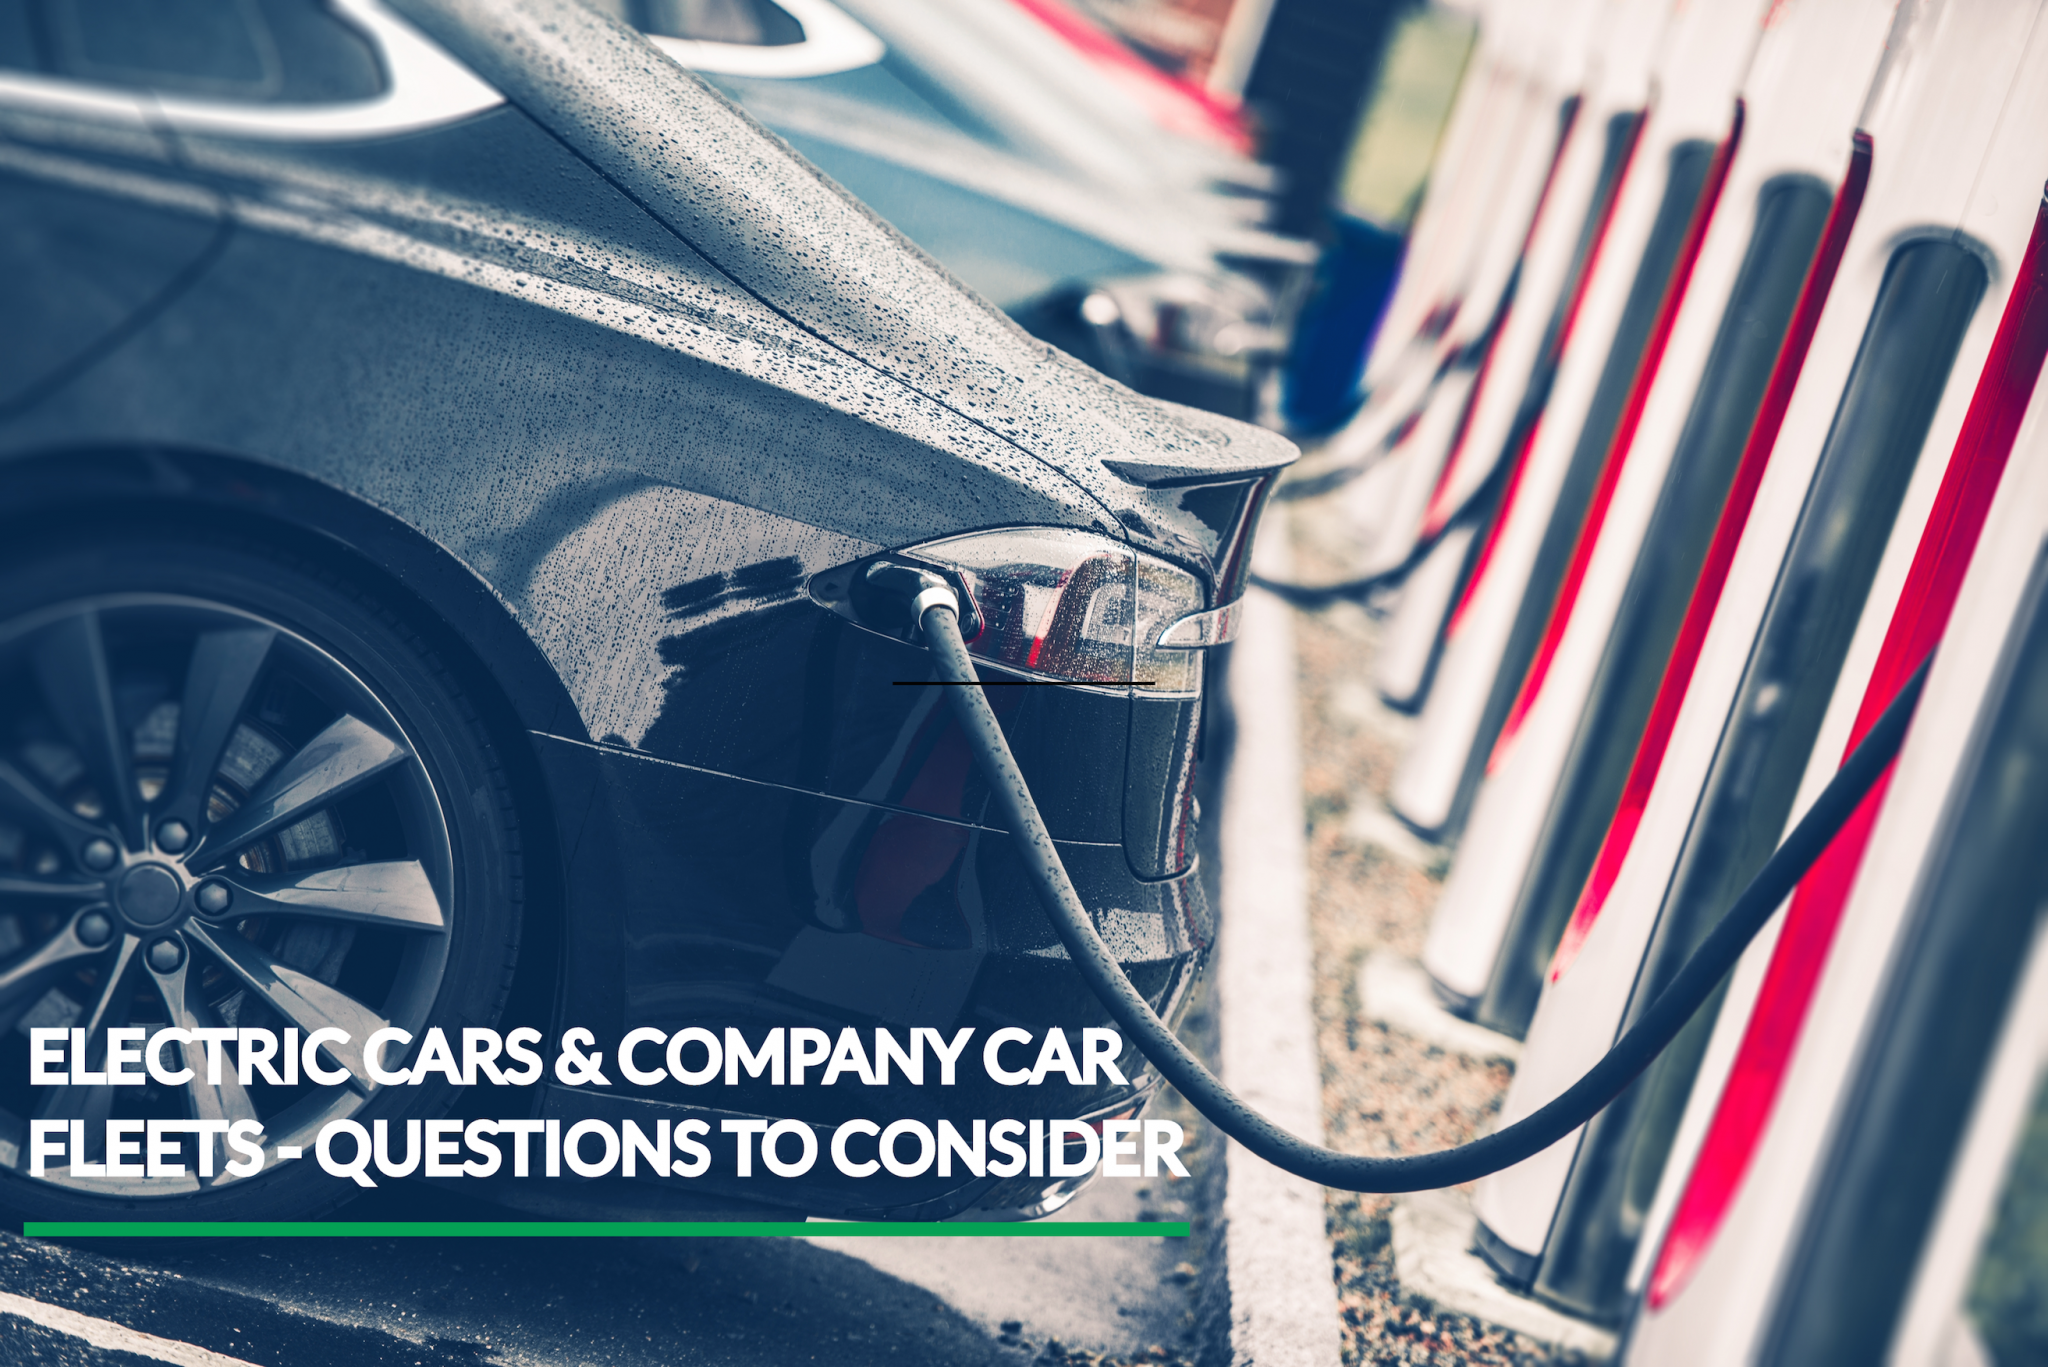 Electric Cars And Company Car Fleets Fleetworx Ltd